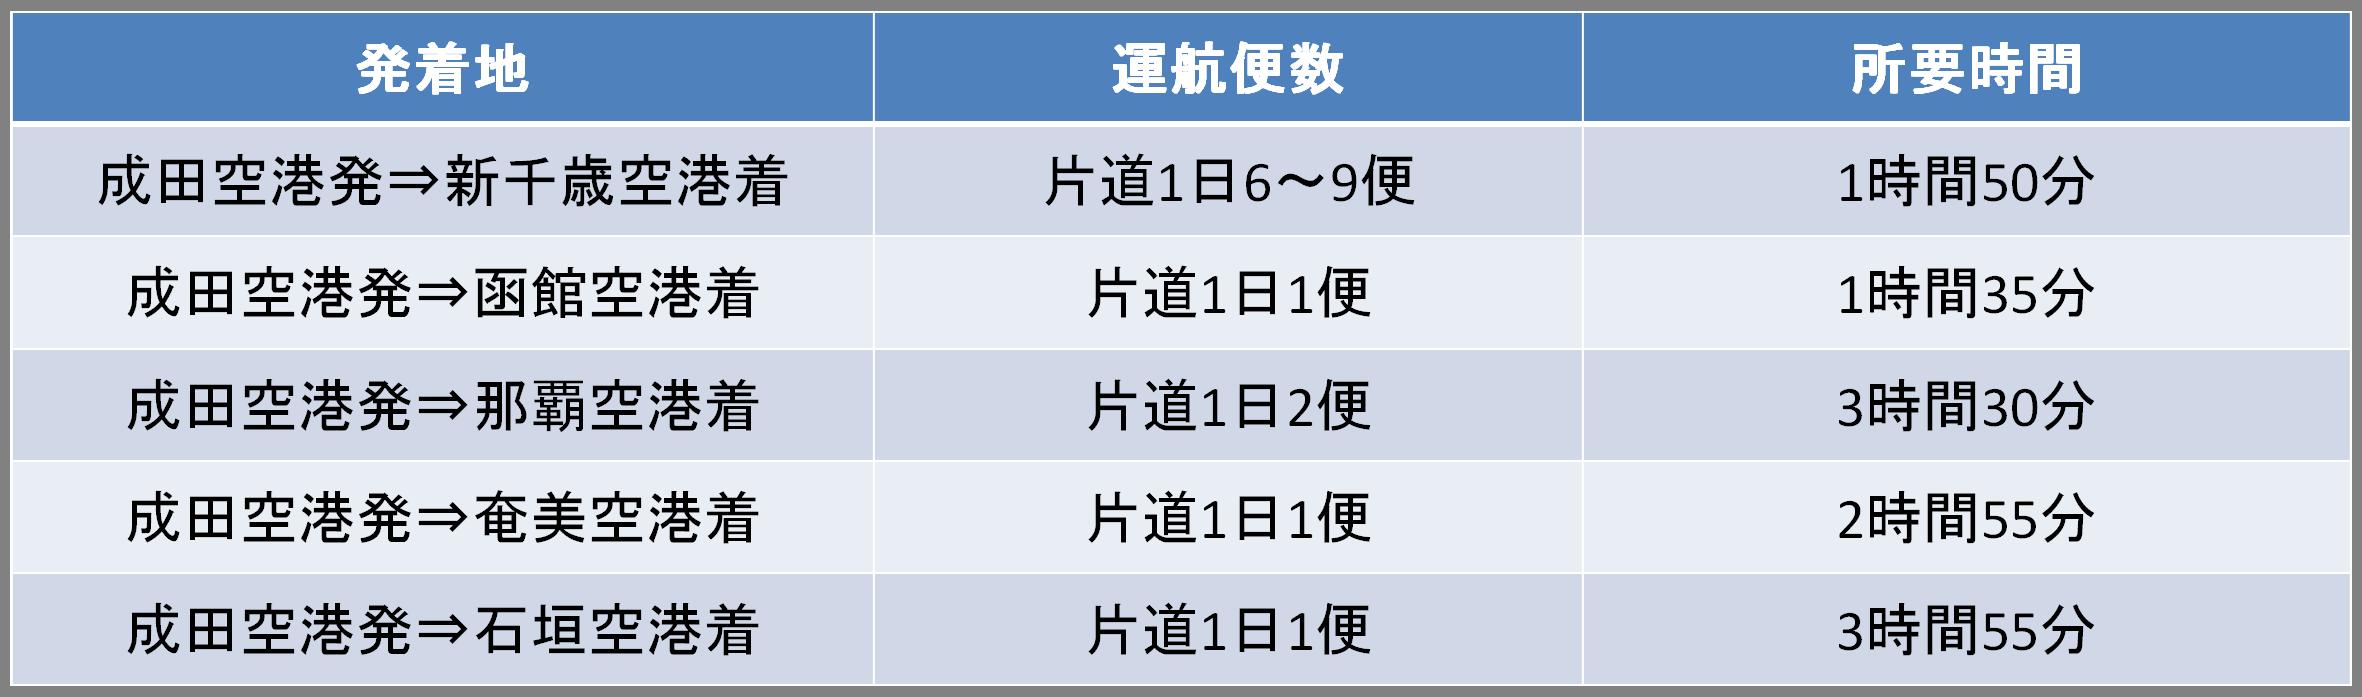 成田空港発のバニラエアの路線